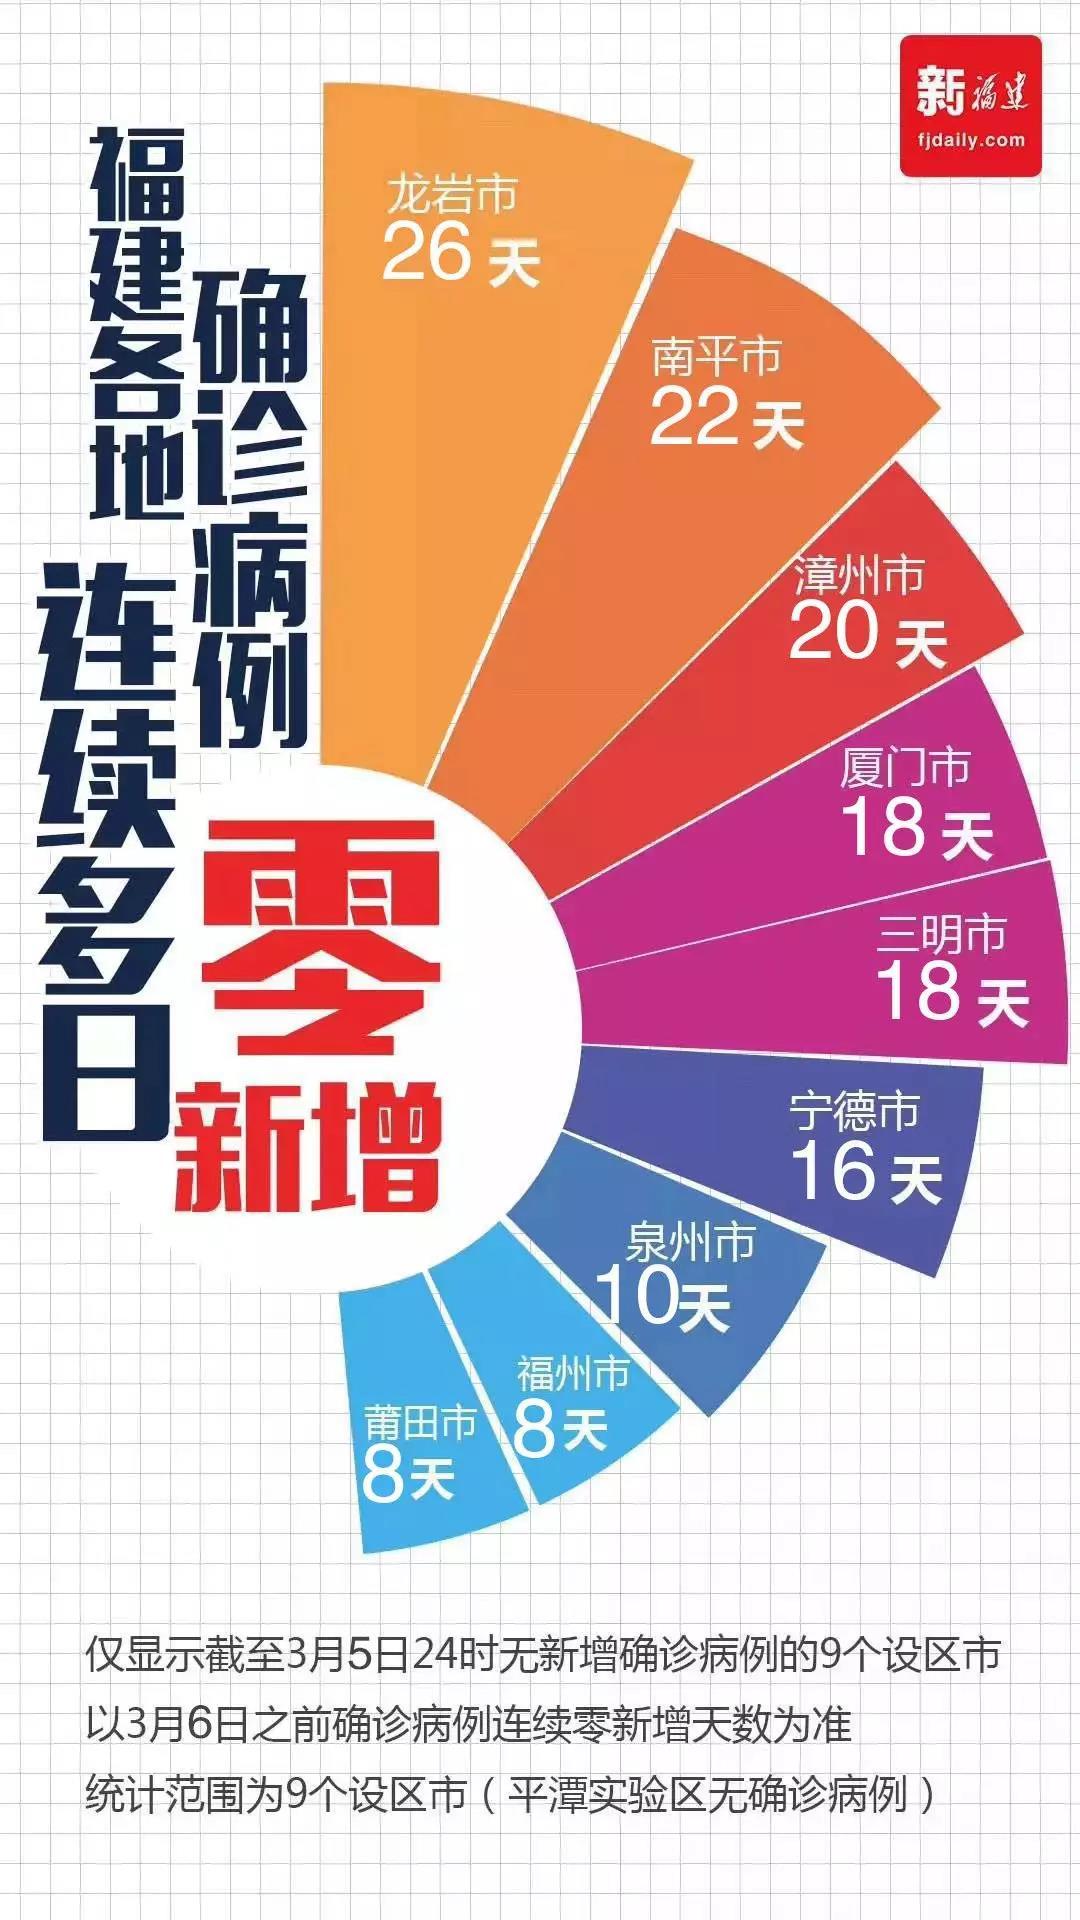 福建:福州、厦门、南平、三明、龙岩五市患者清零,平潭保持零确诊